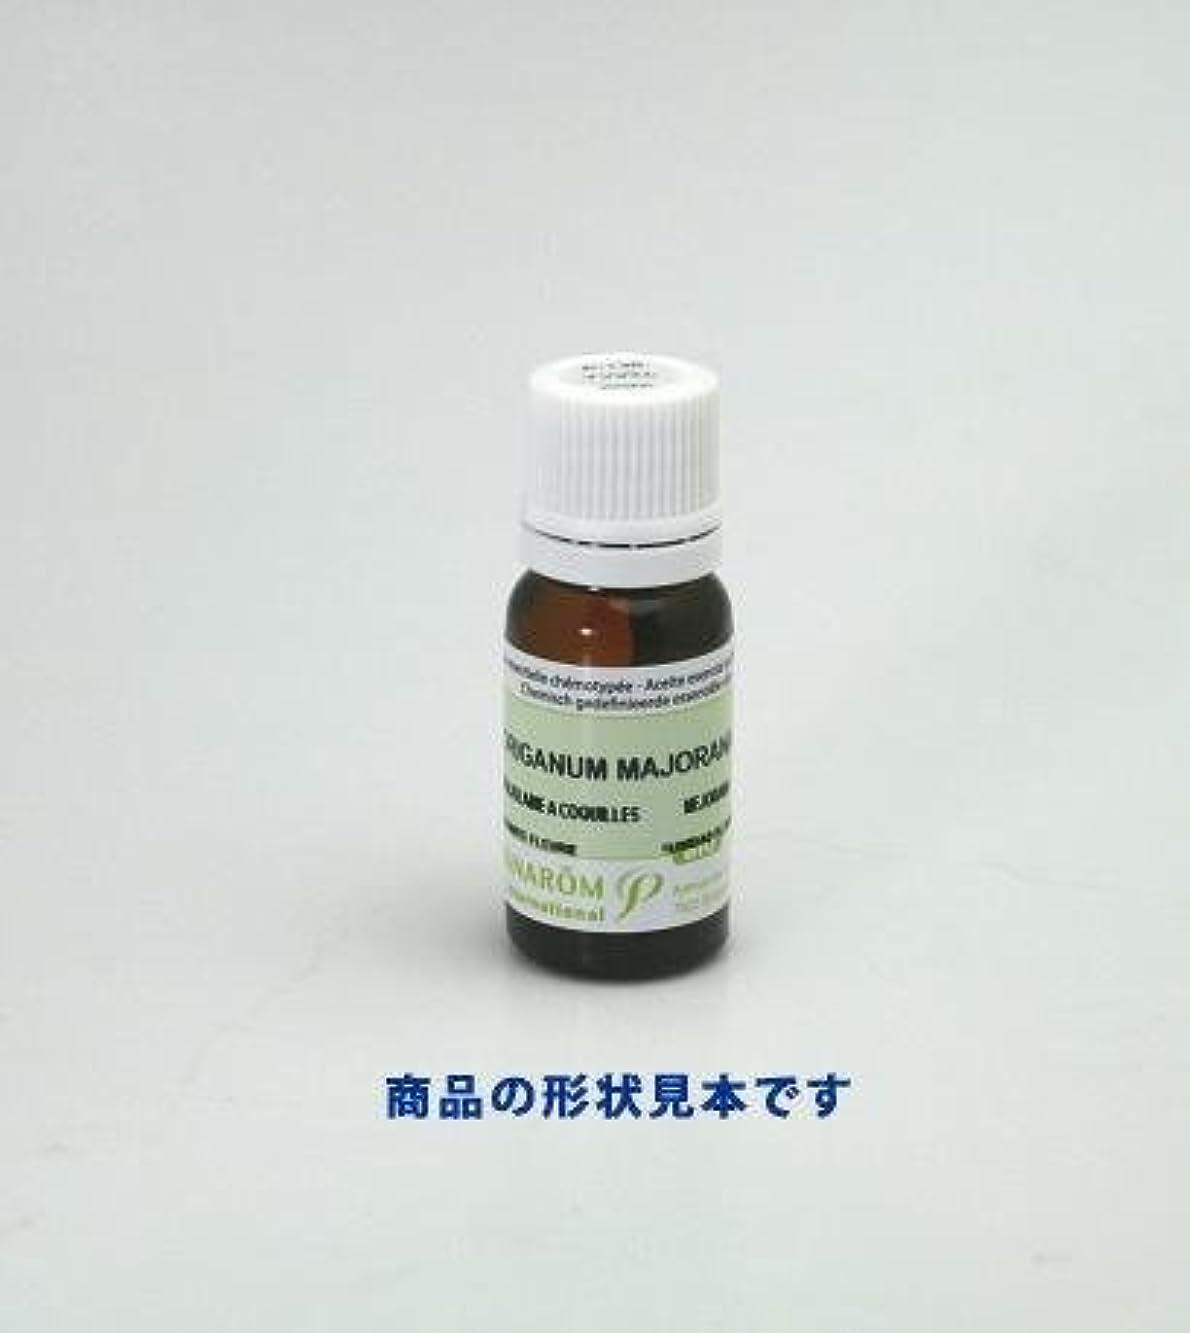 認知評価する家庭プラナロム精油 レモンバーベナ(P-106)